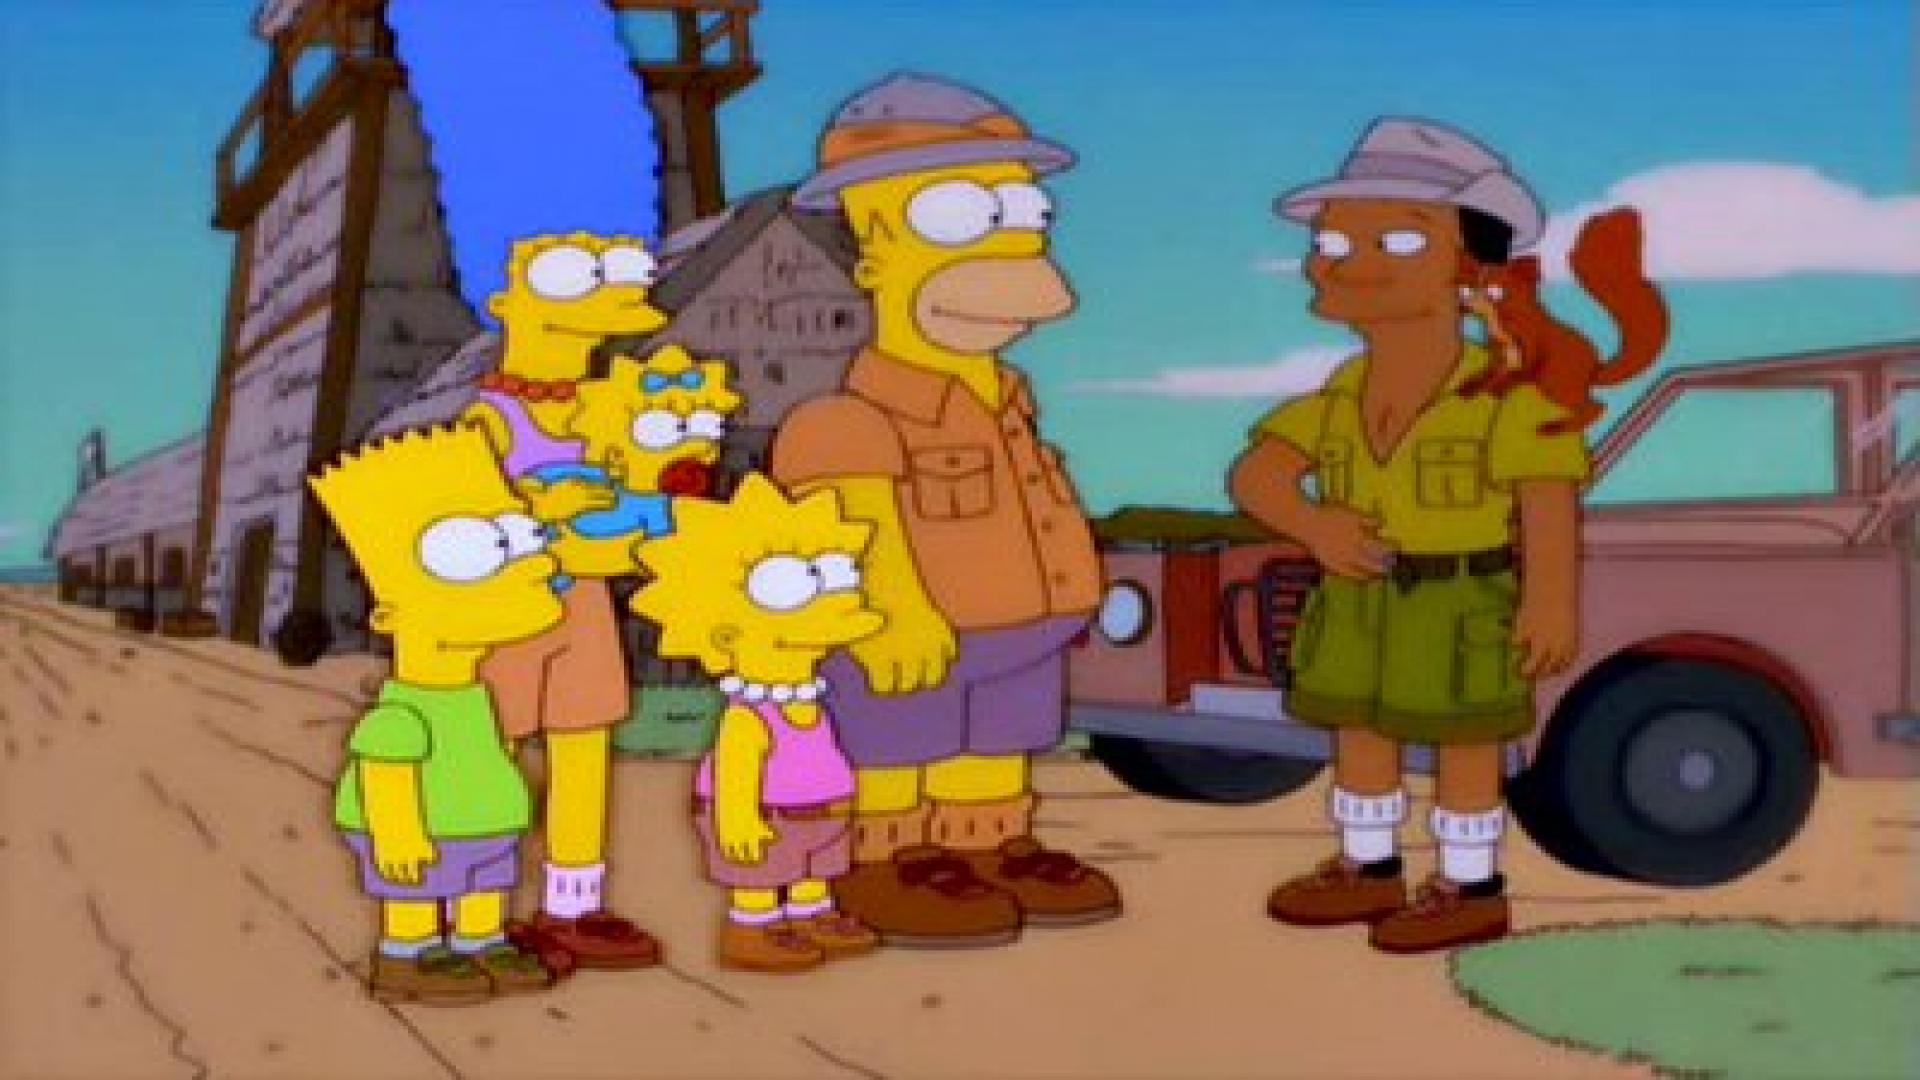 Фото оргии в симпсонах, Порно картинки Симпсоны Порно фото Симпсоны 20 фотография